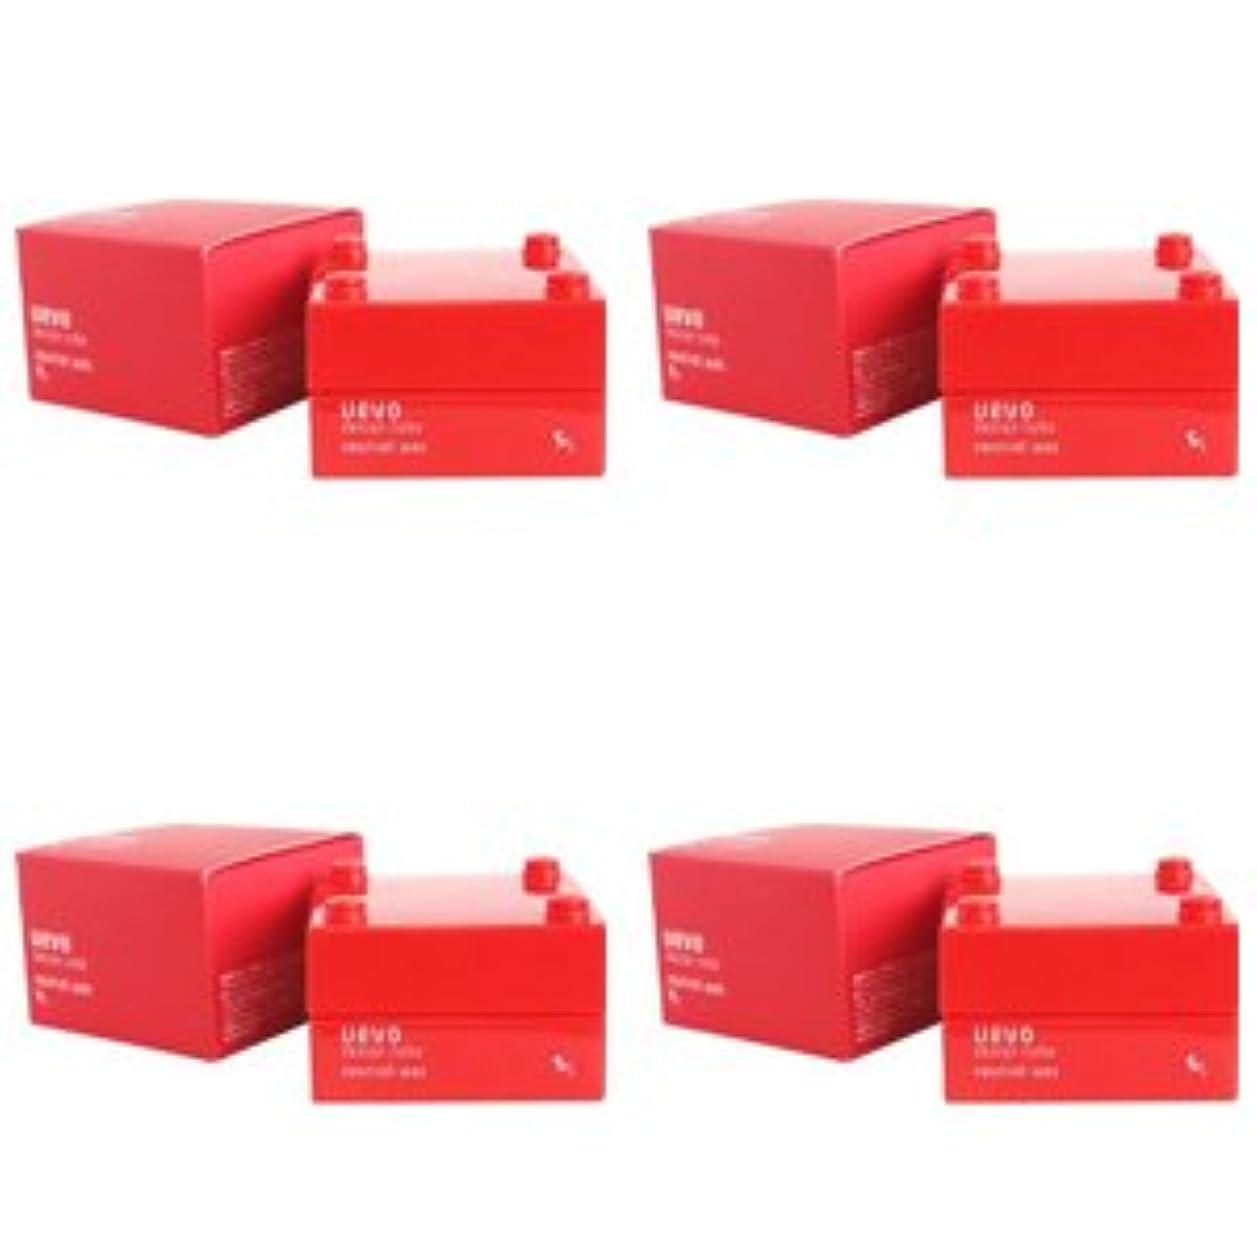 非常に怒っています対応丘【X4個セット】 デミ ウェーボ デザインキューブ ニュートラルワックス 30g neutral wax DEMI uevo design cube